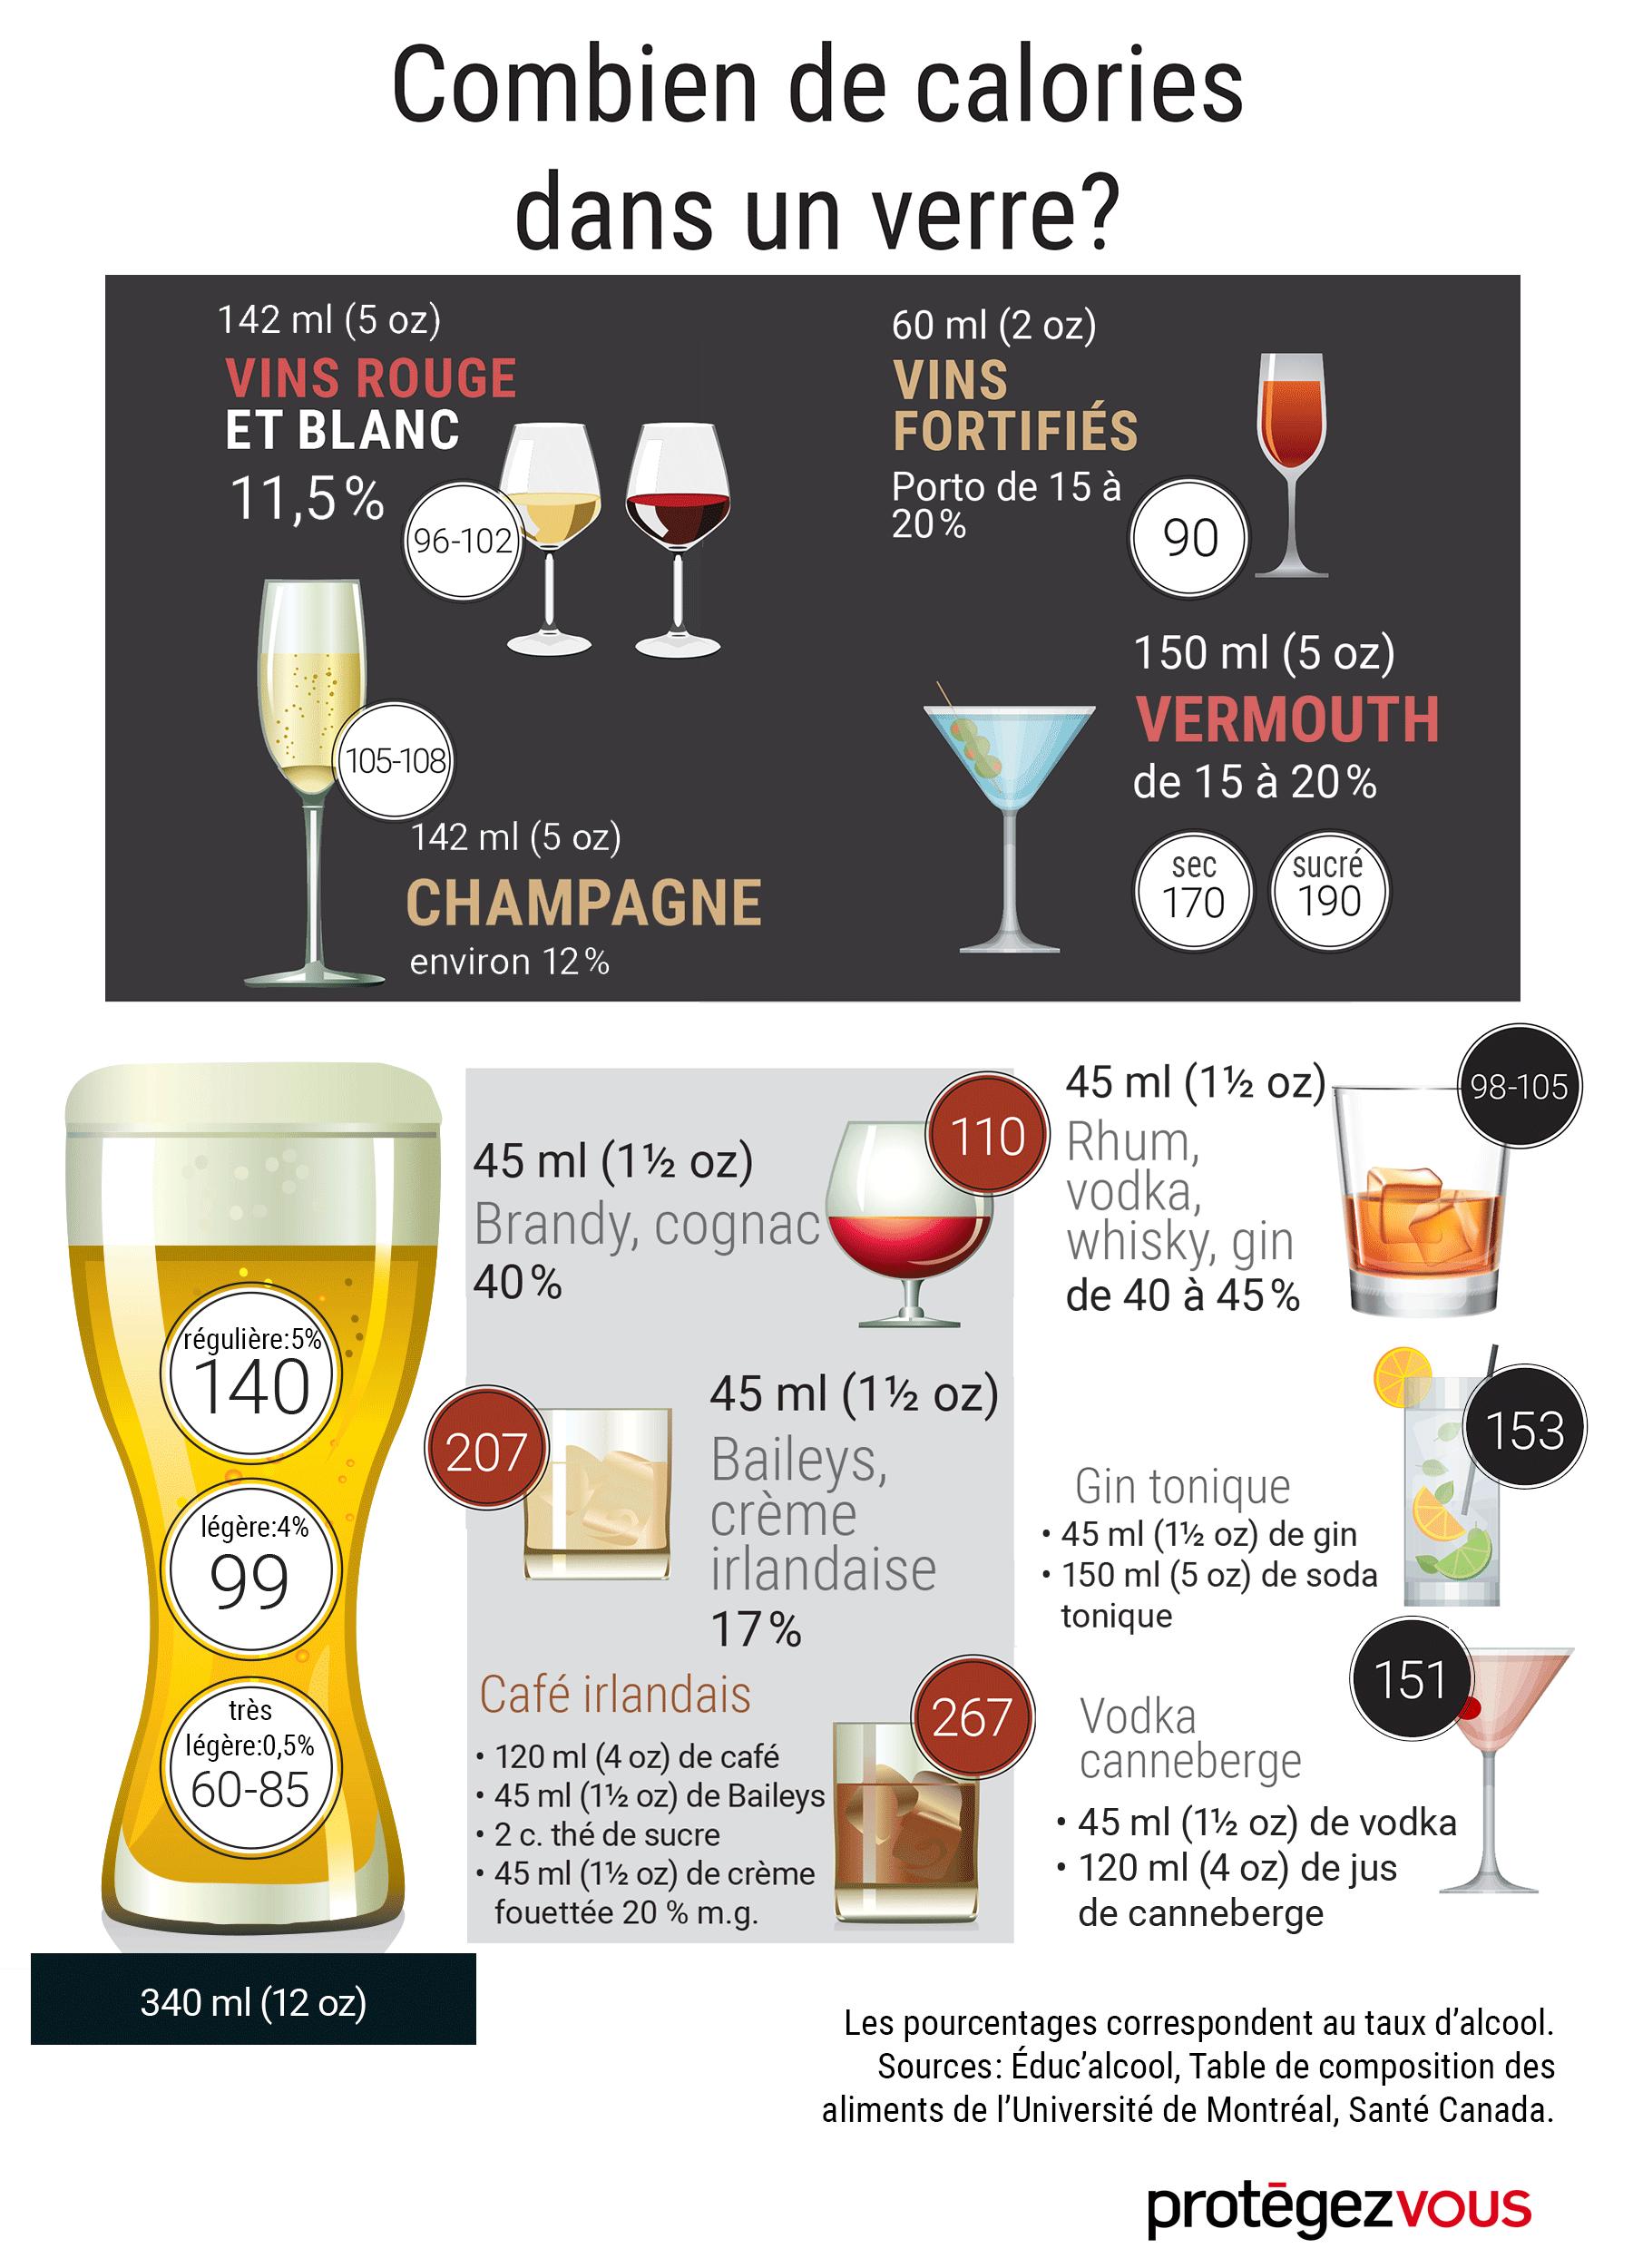 Quantité de calories dans l'alcool - Protégez-Vous.ca